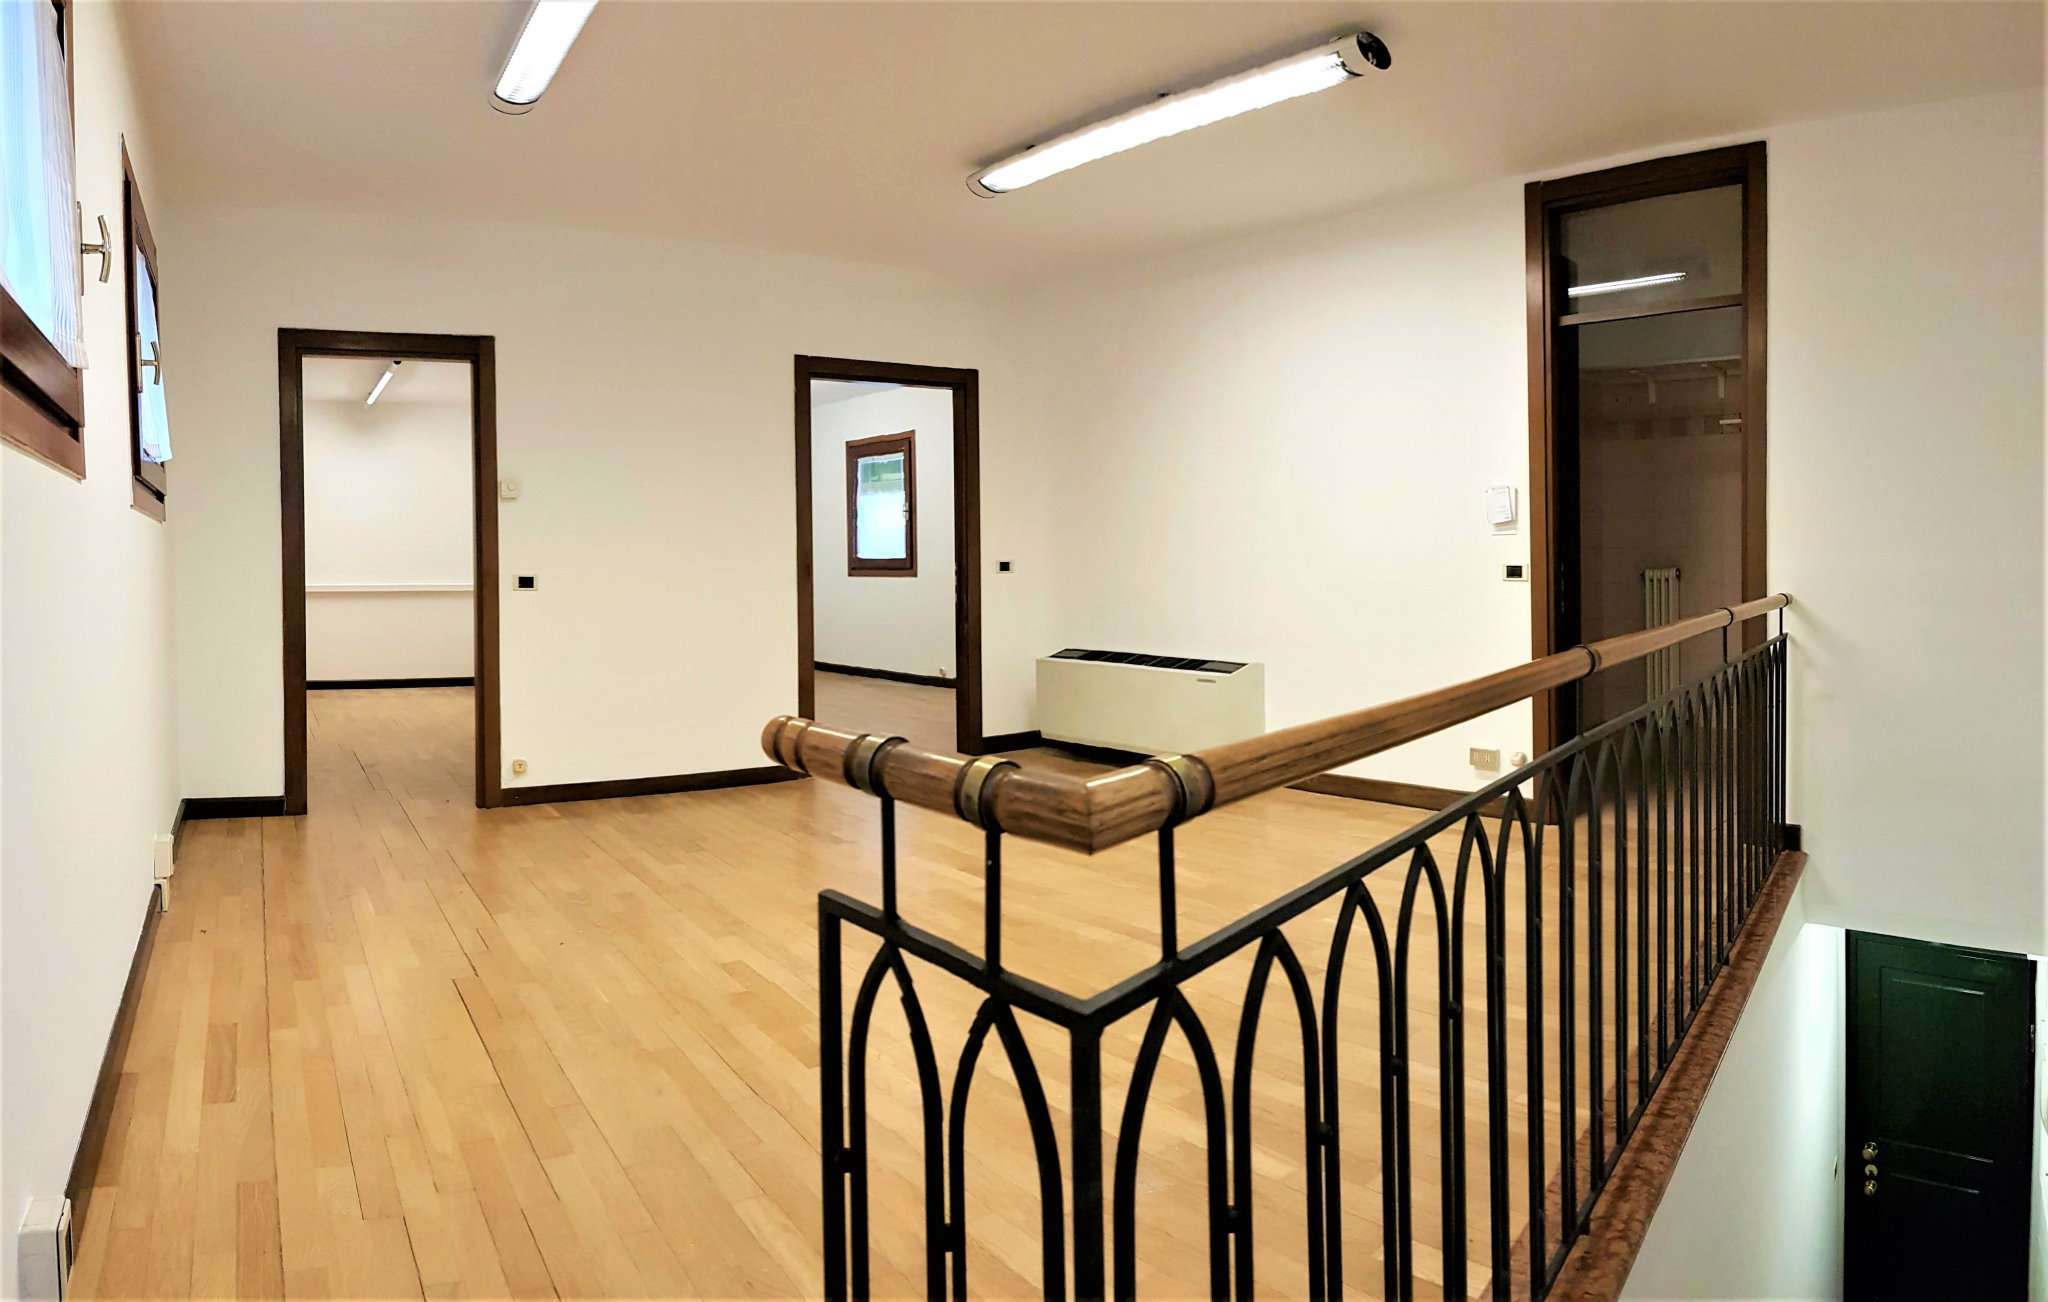 Ufficio / Studio in affitto a Mirano, 9999 locali, prezzo € 550 | CambioCasa.it